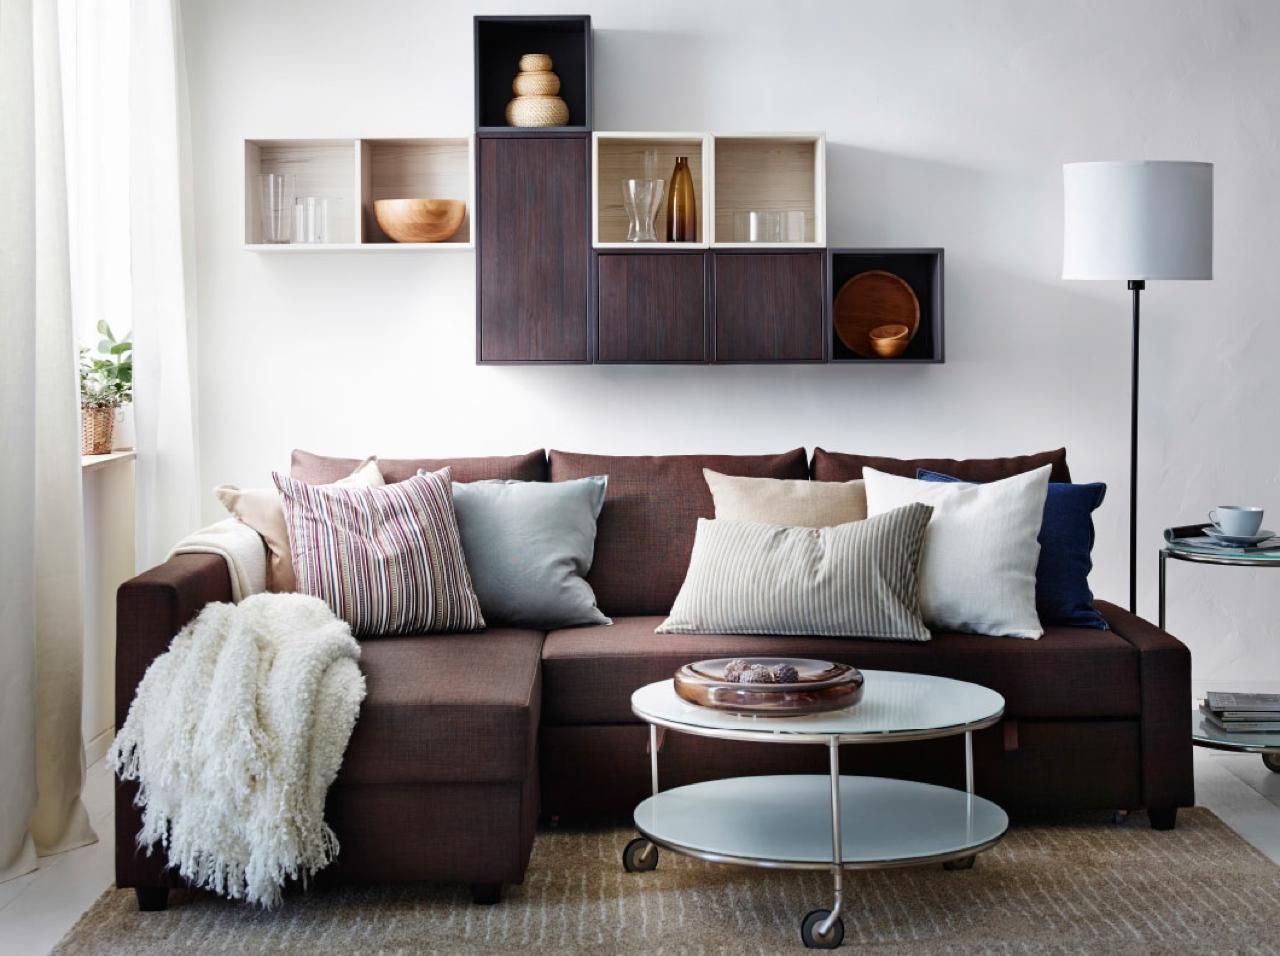 Arredamento Soggiorno Foto : Foto arredamento soggiorno moderno ...